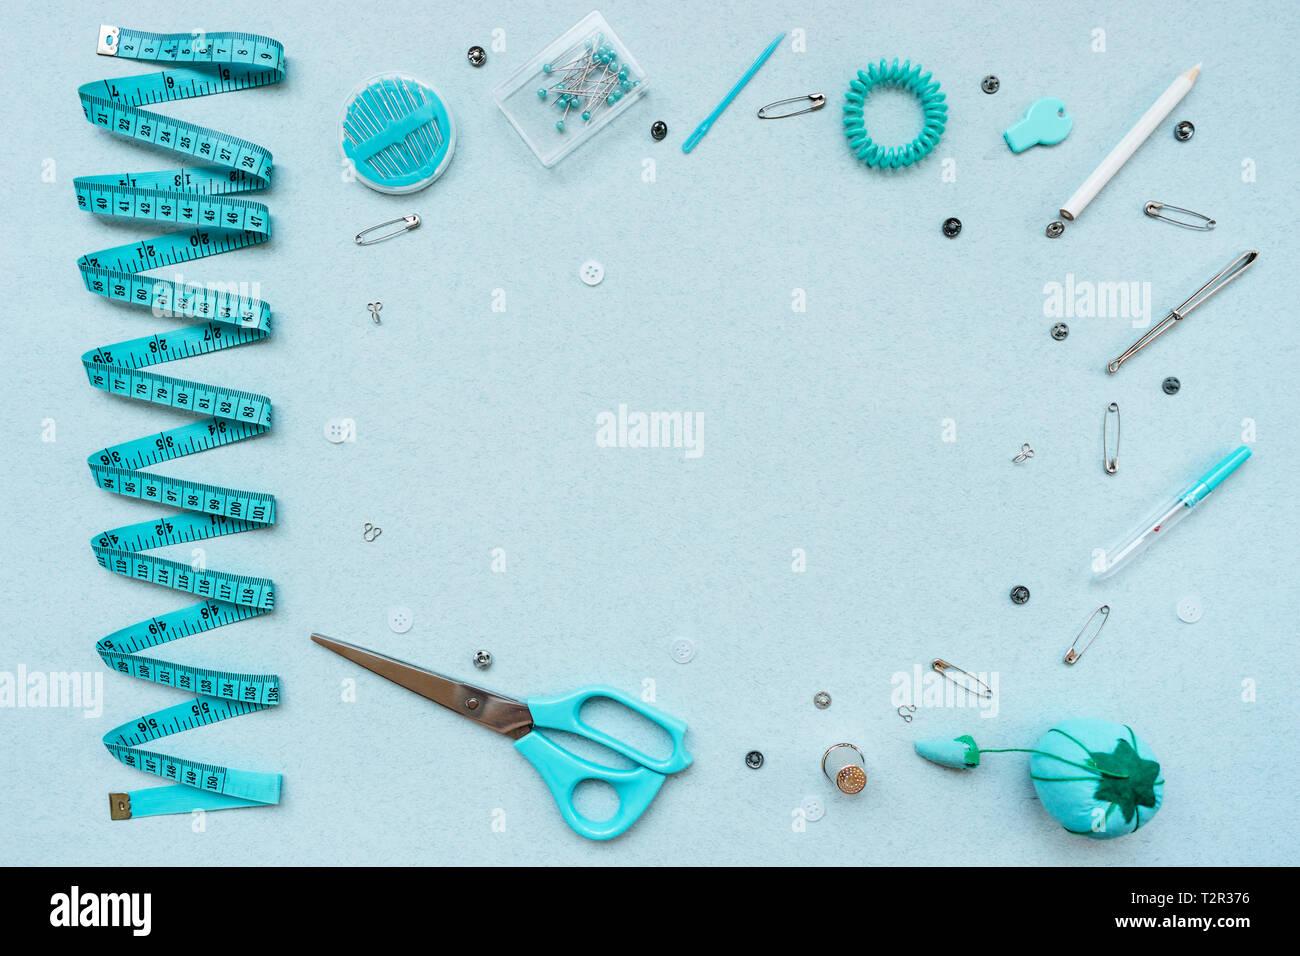 Kit de costura sobre un fondo azul. Cinta, tijeras, alfileres, agujas, botones, botones desgarrador dedal peso lápiz crayon vista desde arriba Foto de stock